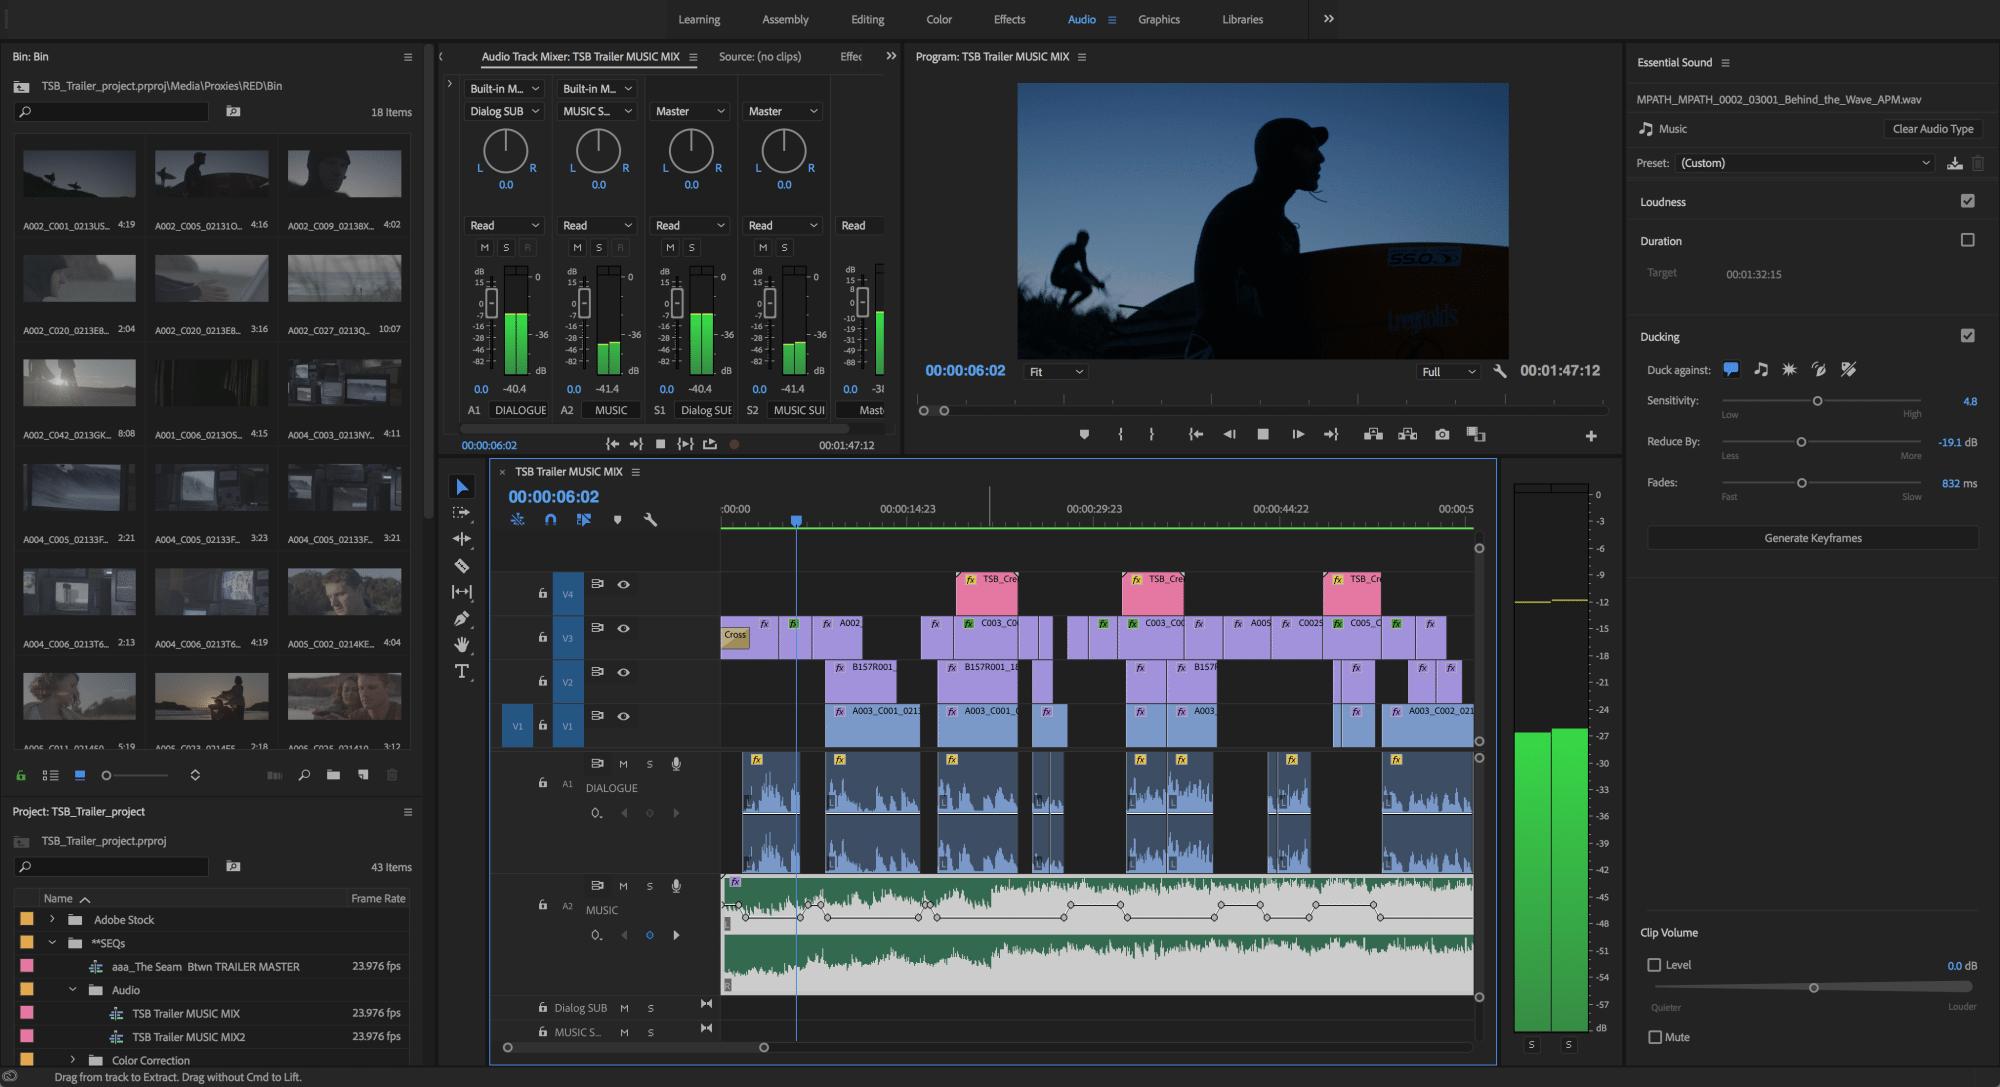 """Mit künstlicher Intelligenz senkt Audition CC beim """"Auto Ducking"""" die Lautstärke der Hintergrundmusik während Dialogpassagen ab."""